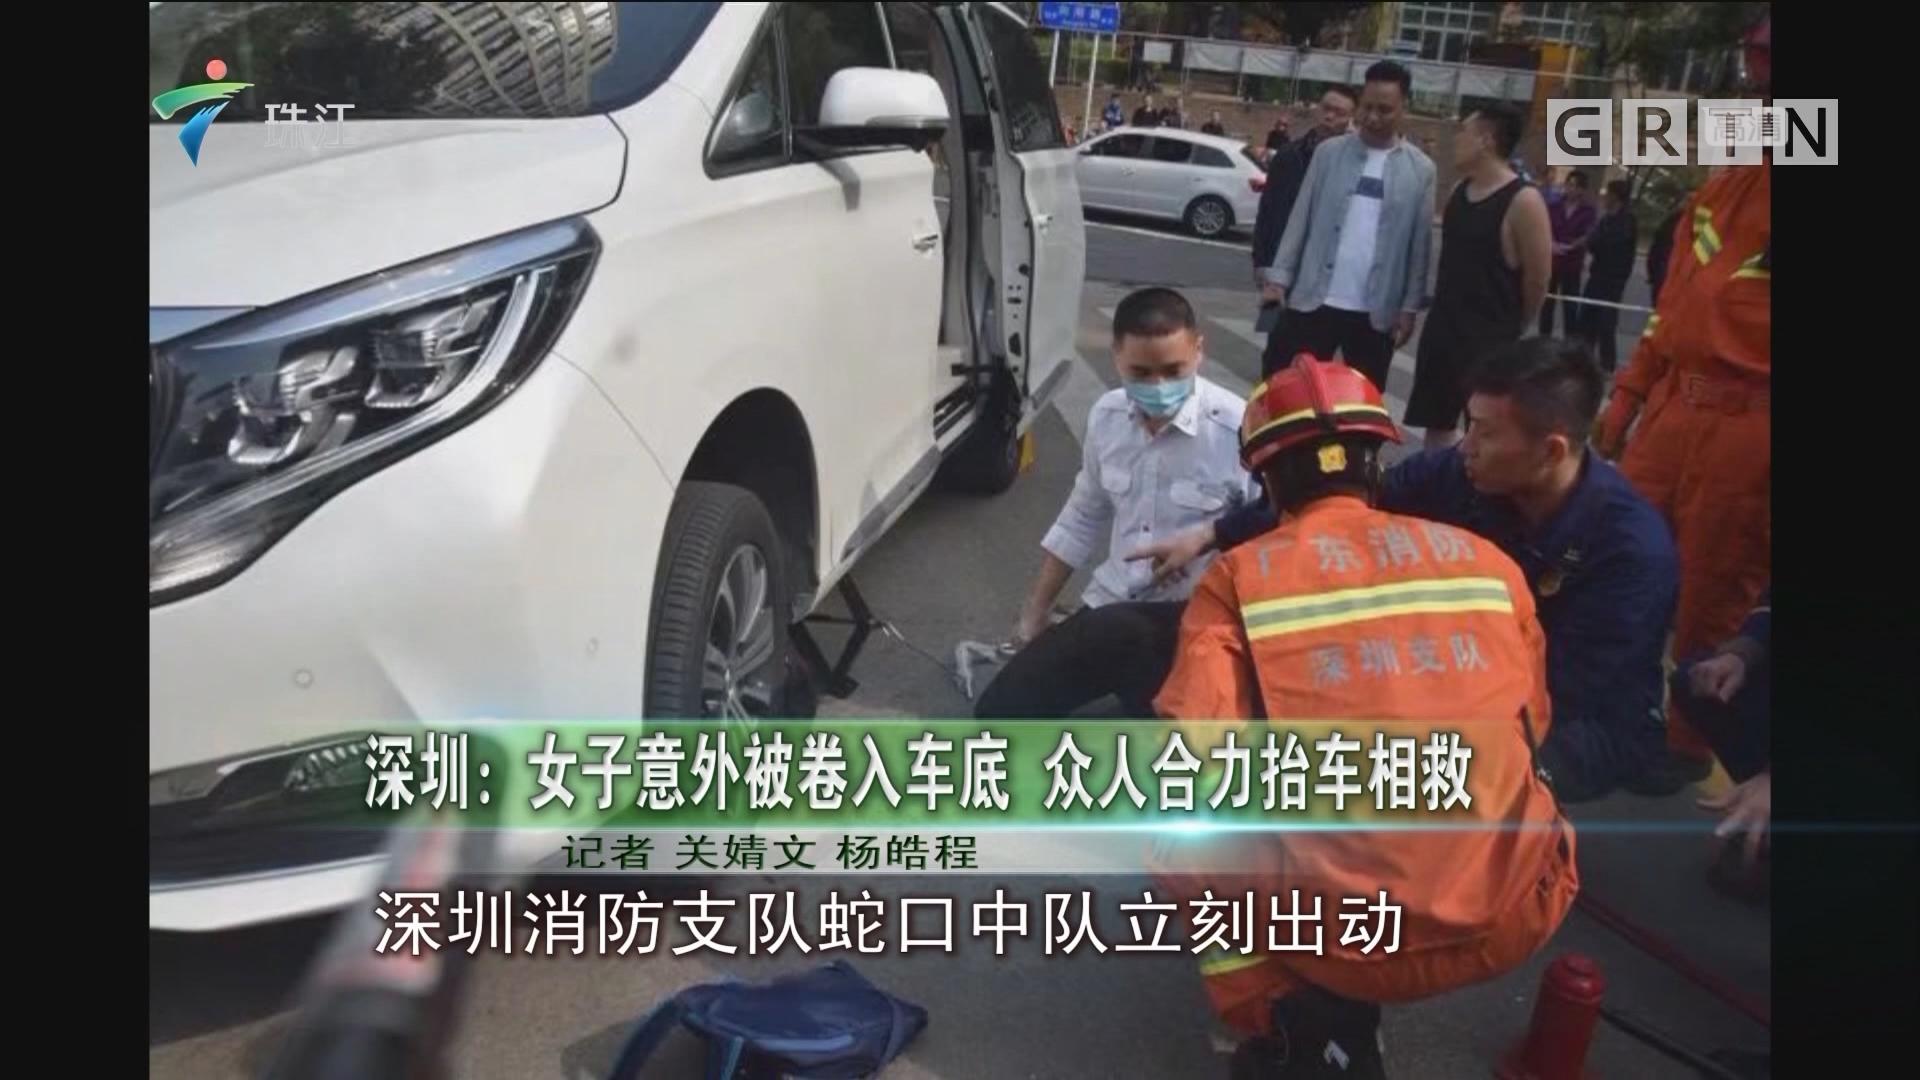 深圳:女子意外被卷入车底 众人合力抬车相救